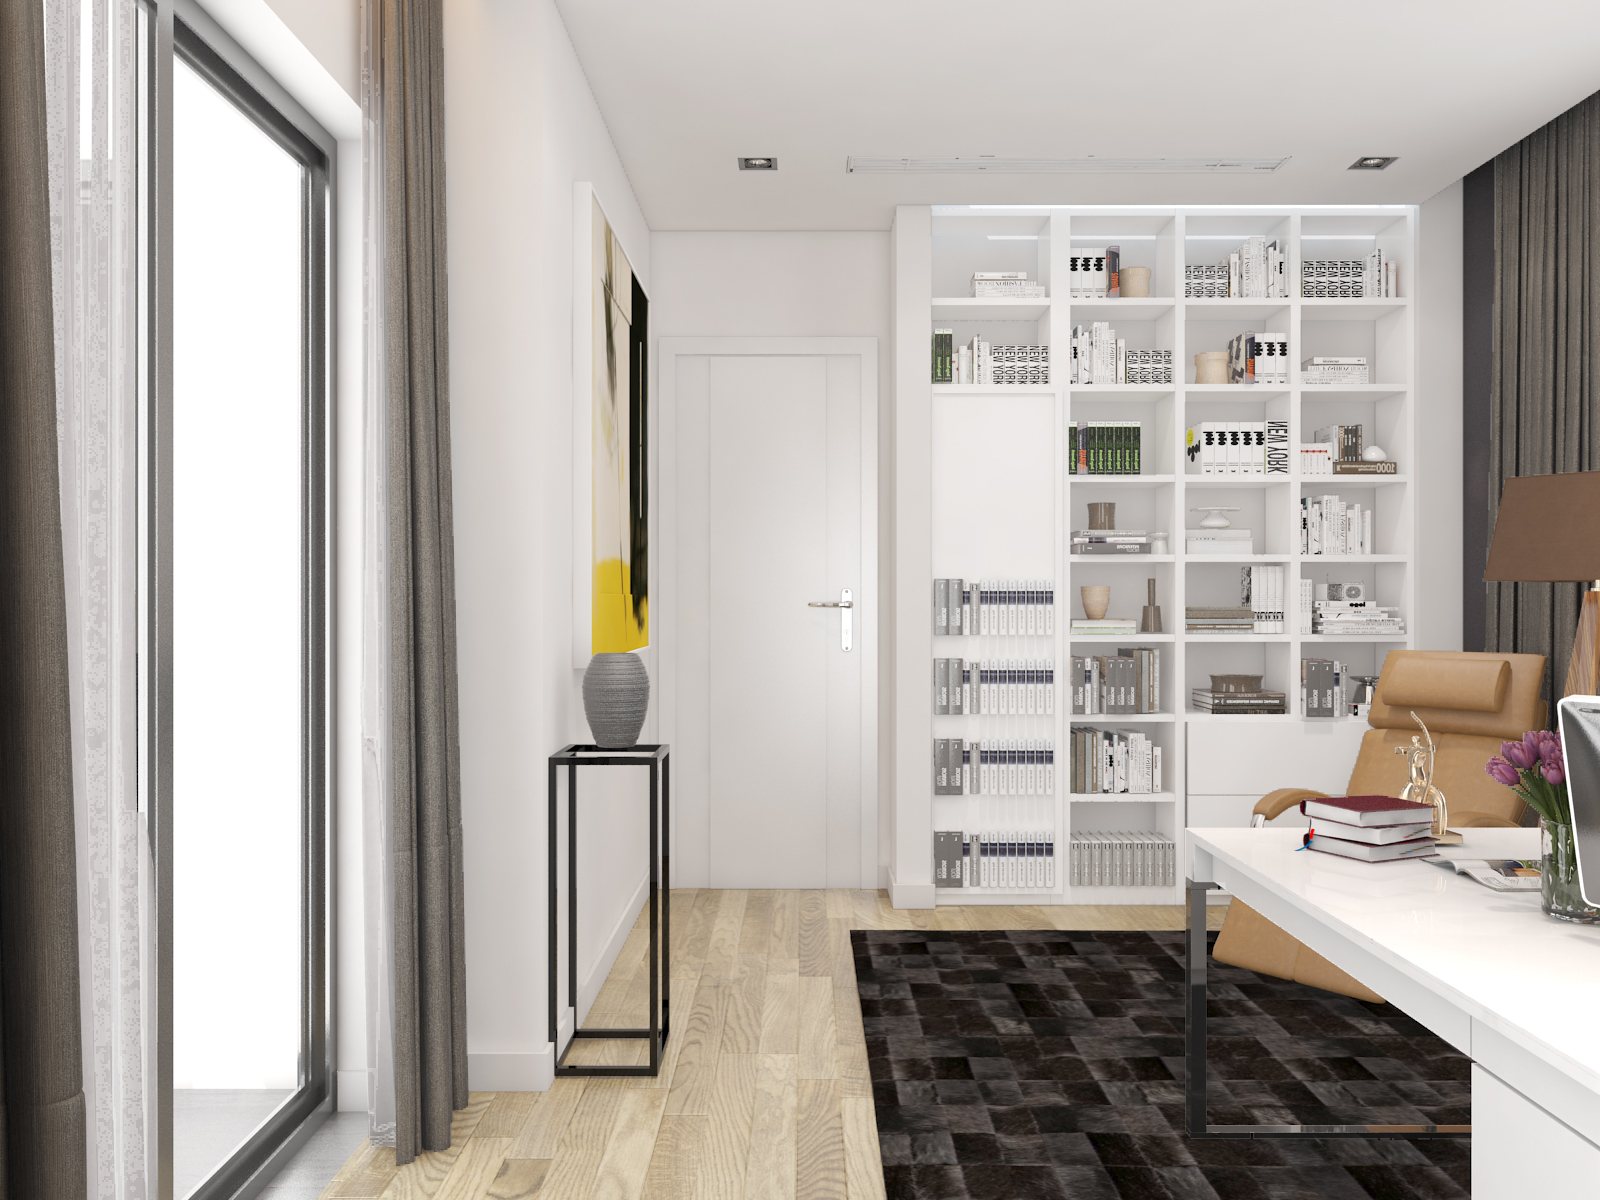 thiết kế nội thất Biệt Thự tại Hà Nội bt Vinhomes - riverside 43 1568085370